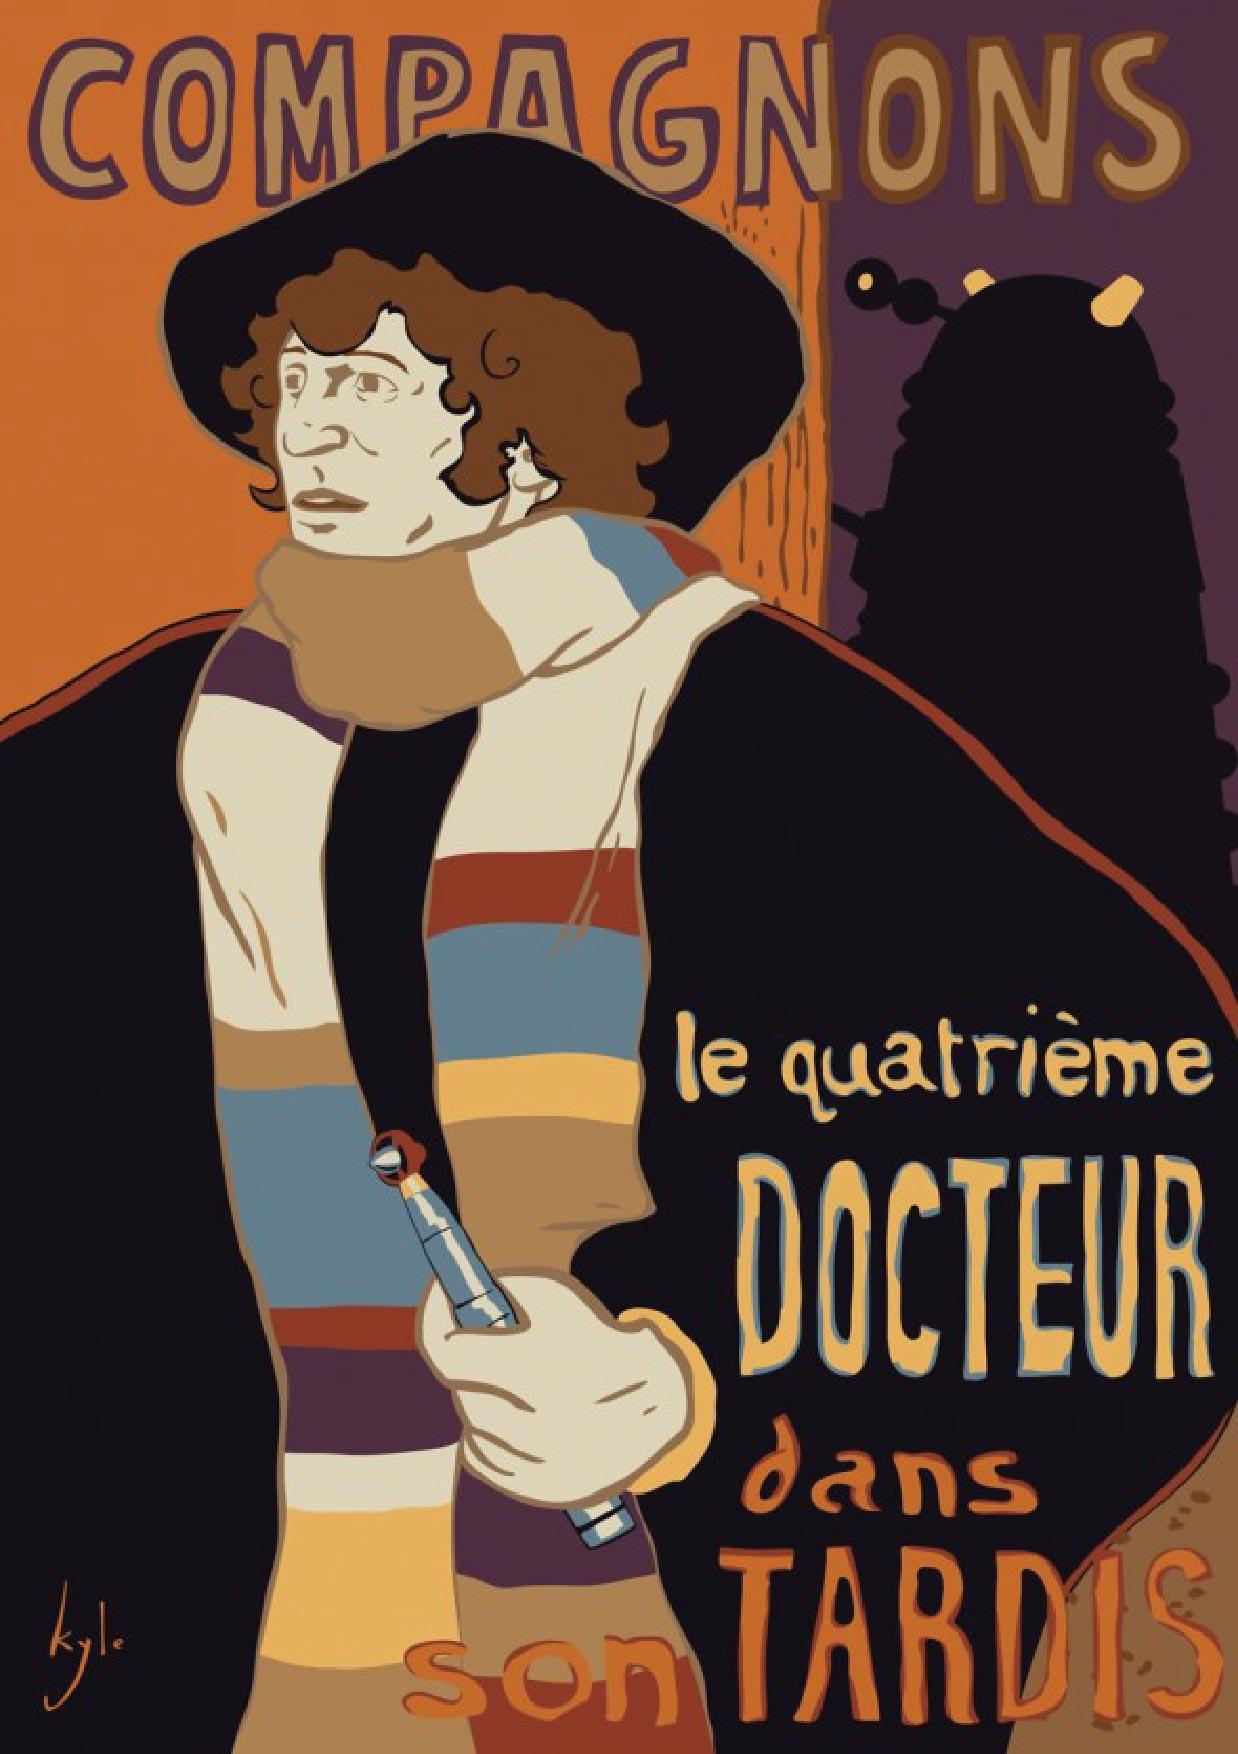 超時空奇俠 Doctor Who 海報 ^(A4大小^) ~  好康折扣